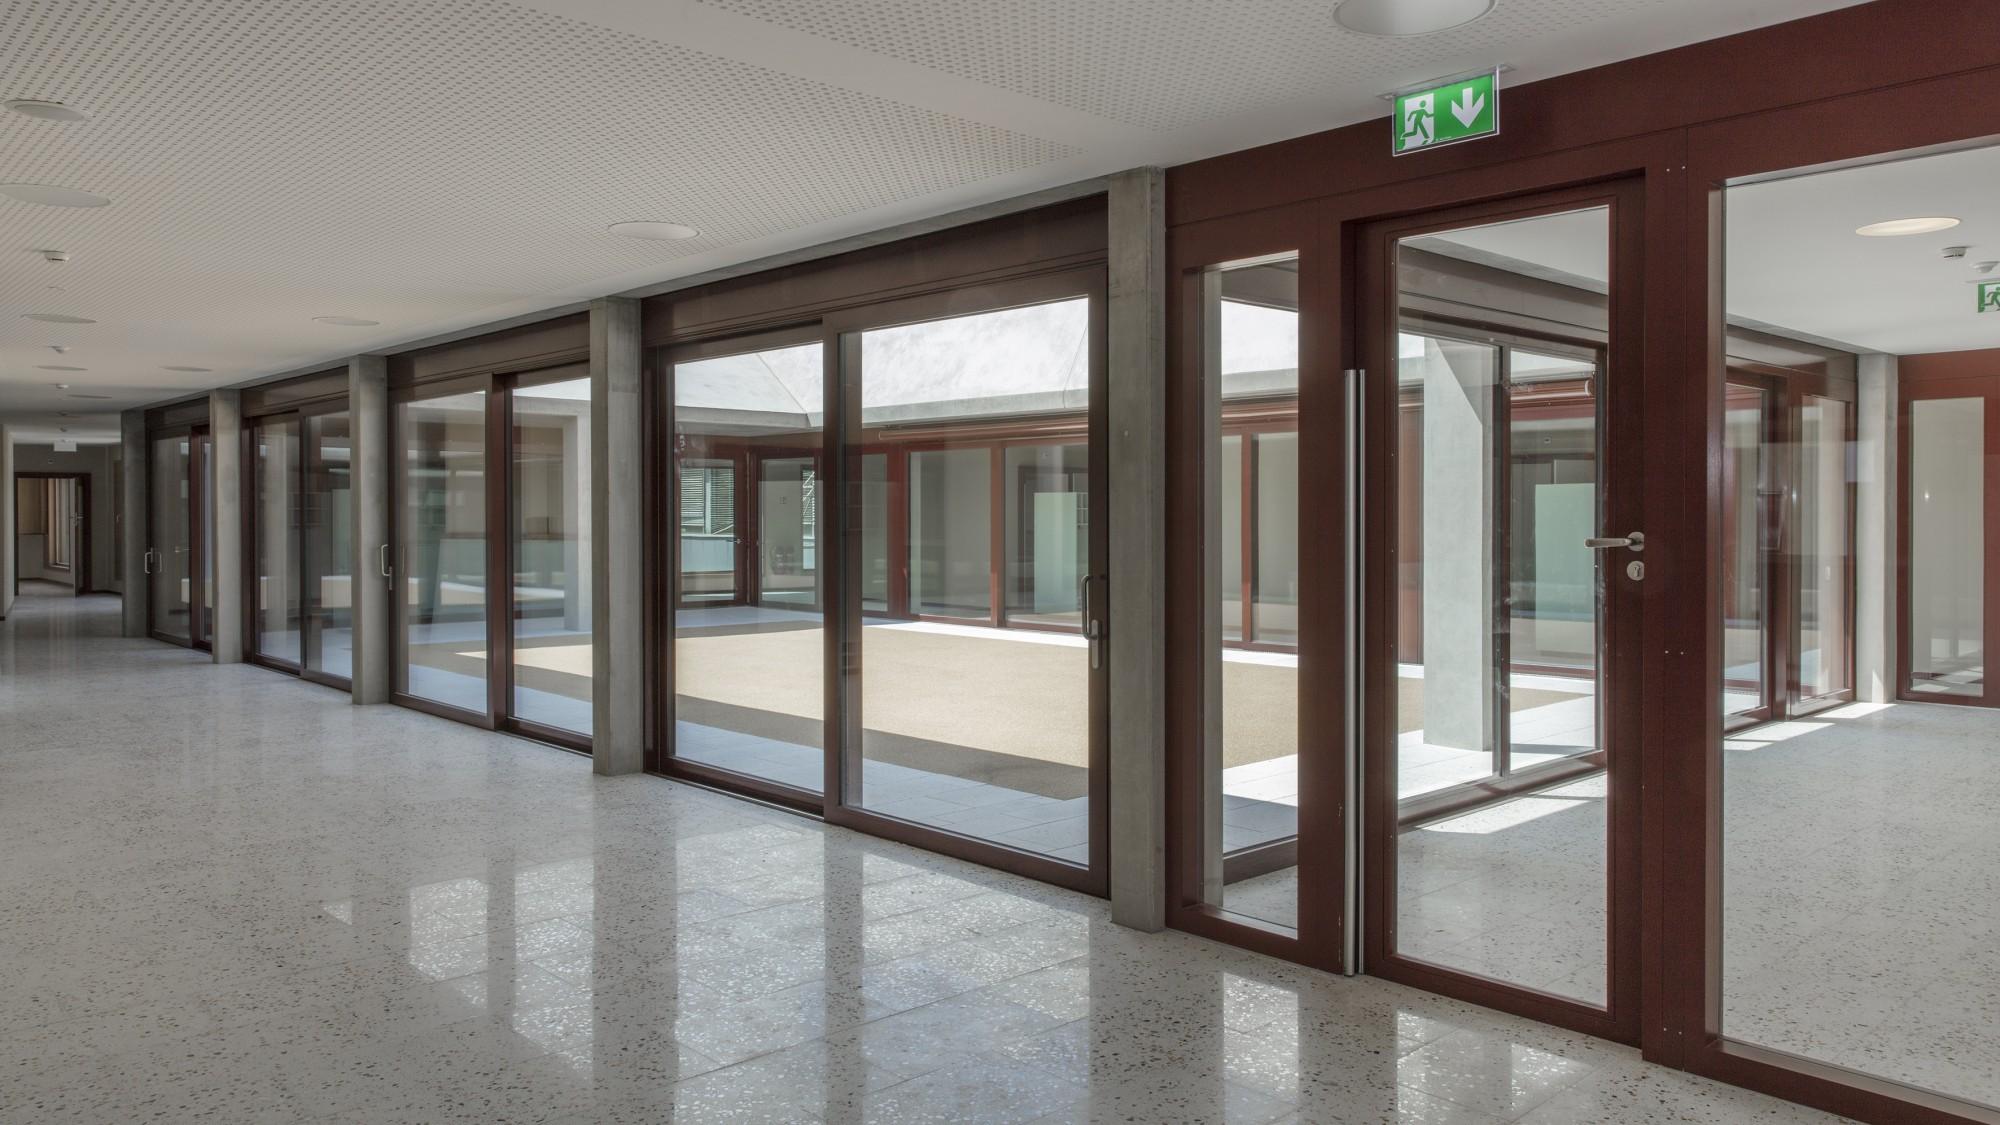 Bâtiment d'équipements publics boulevard St-Georges 21 Genève